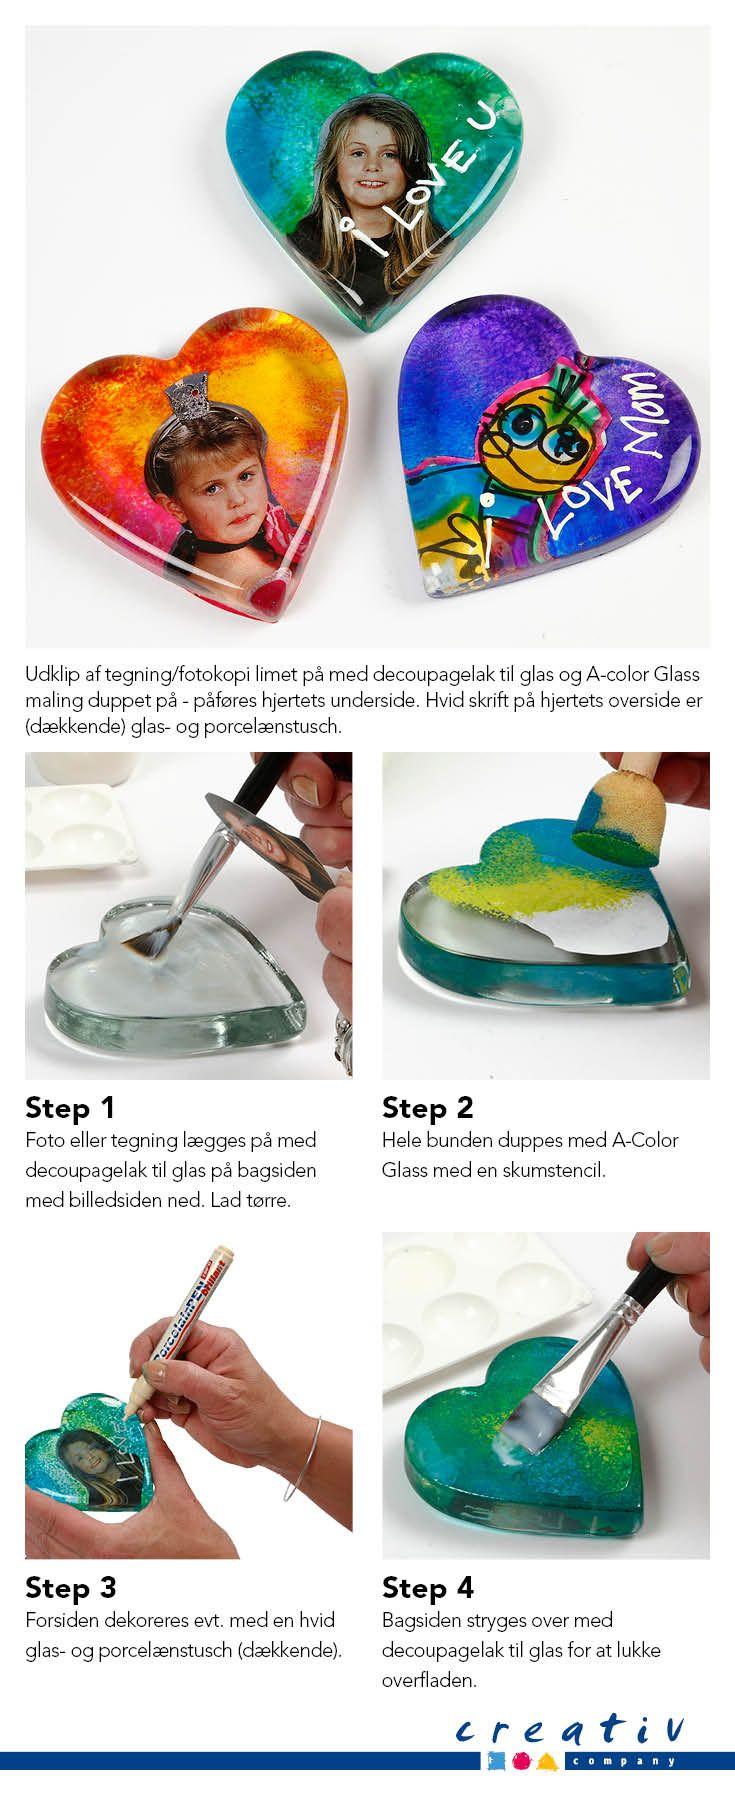 Glashjerte med decoupage - Udklip af tegning/fotokopi limet på med decoupagelak til glas og A-color Glass maling duppet på - påføres hjertets underside. Hvid skrift på hjertets overside er (dækkende) glas- og porcelænstusch.